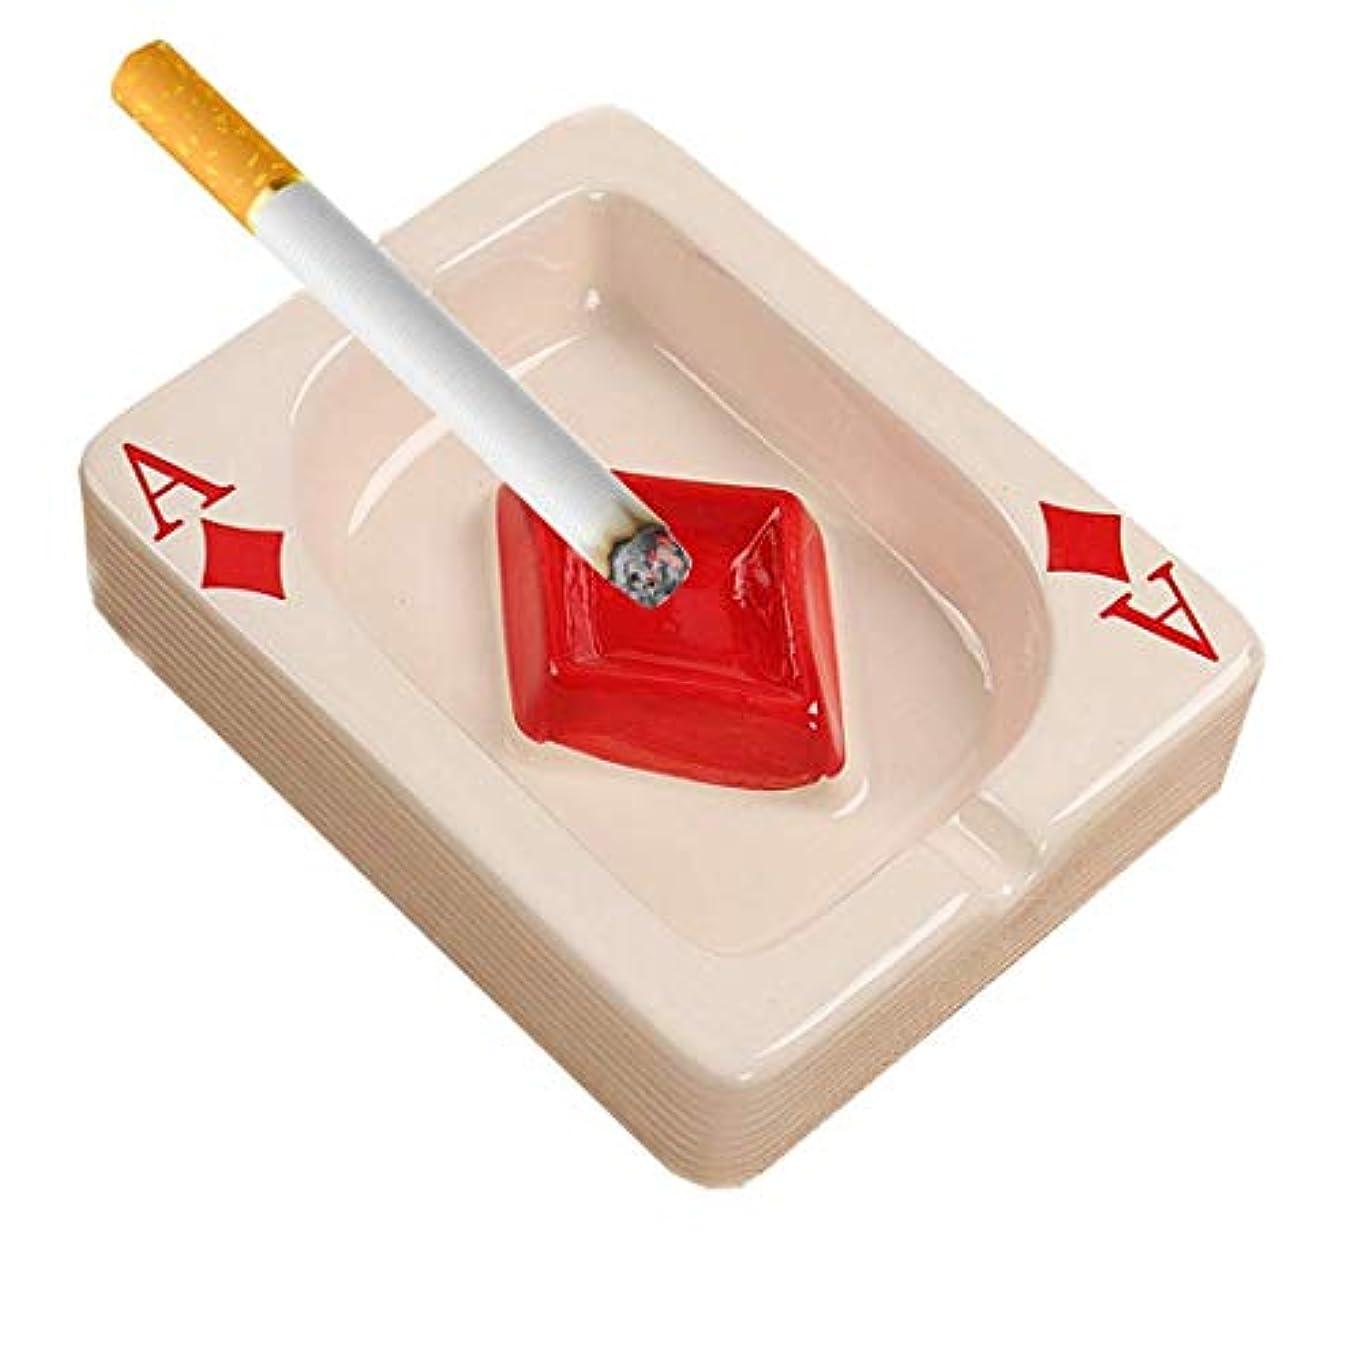 やけど騒見落とす人々のための灰皿ホームオフィスファッション装飾手作りギフト喫煙屋外屋内デスクトップのためのクリエイティブセラミックたばこの灰皿卓上ポータブル現代灰皿ポーカーシガー灰皿